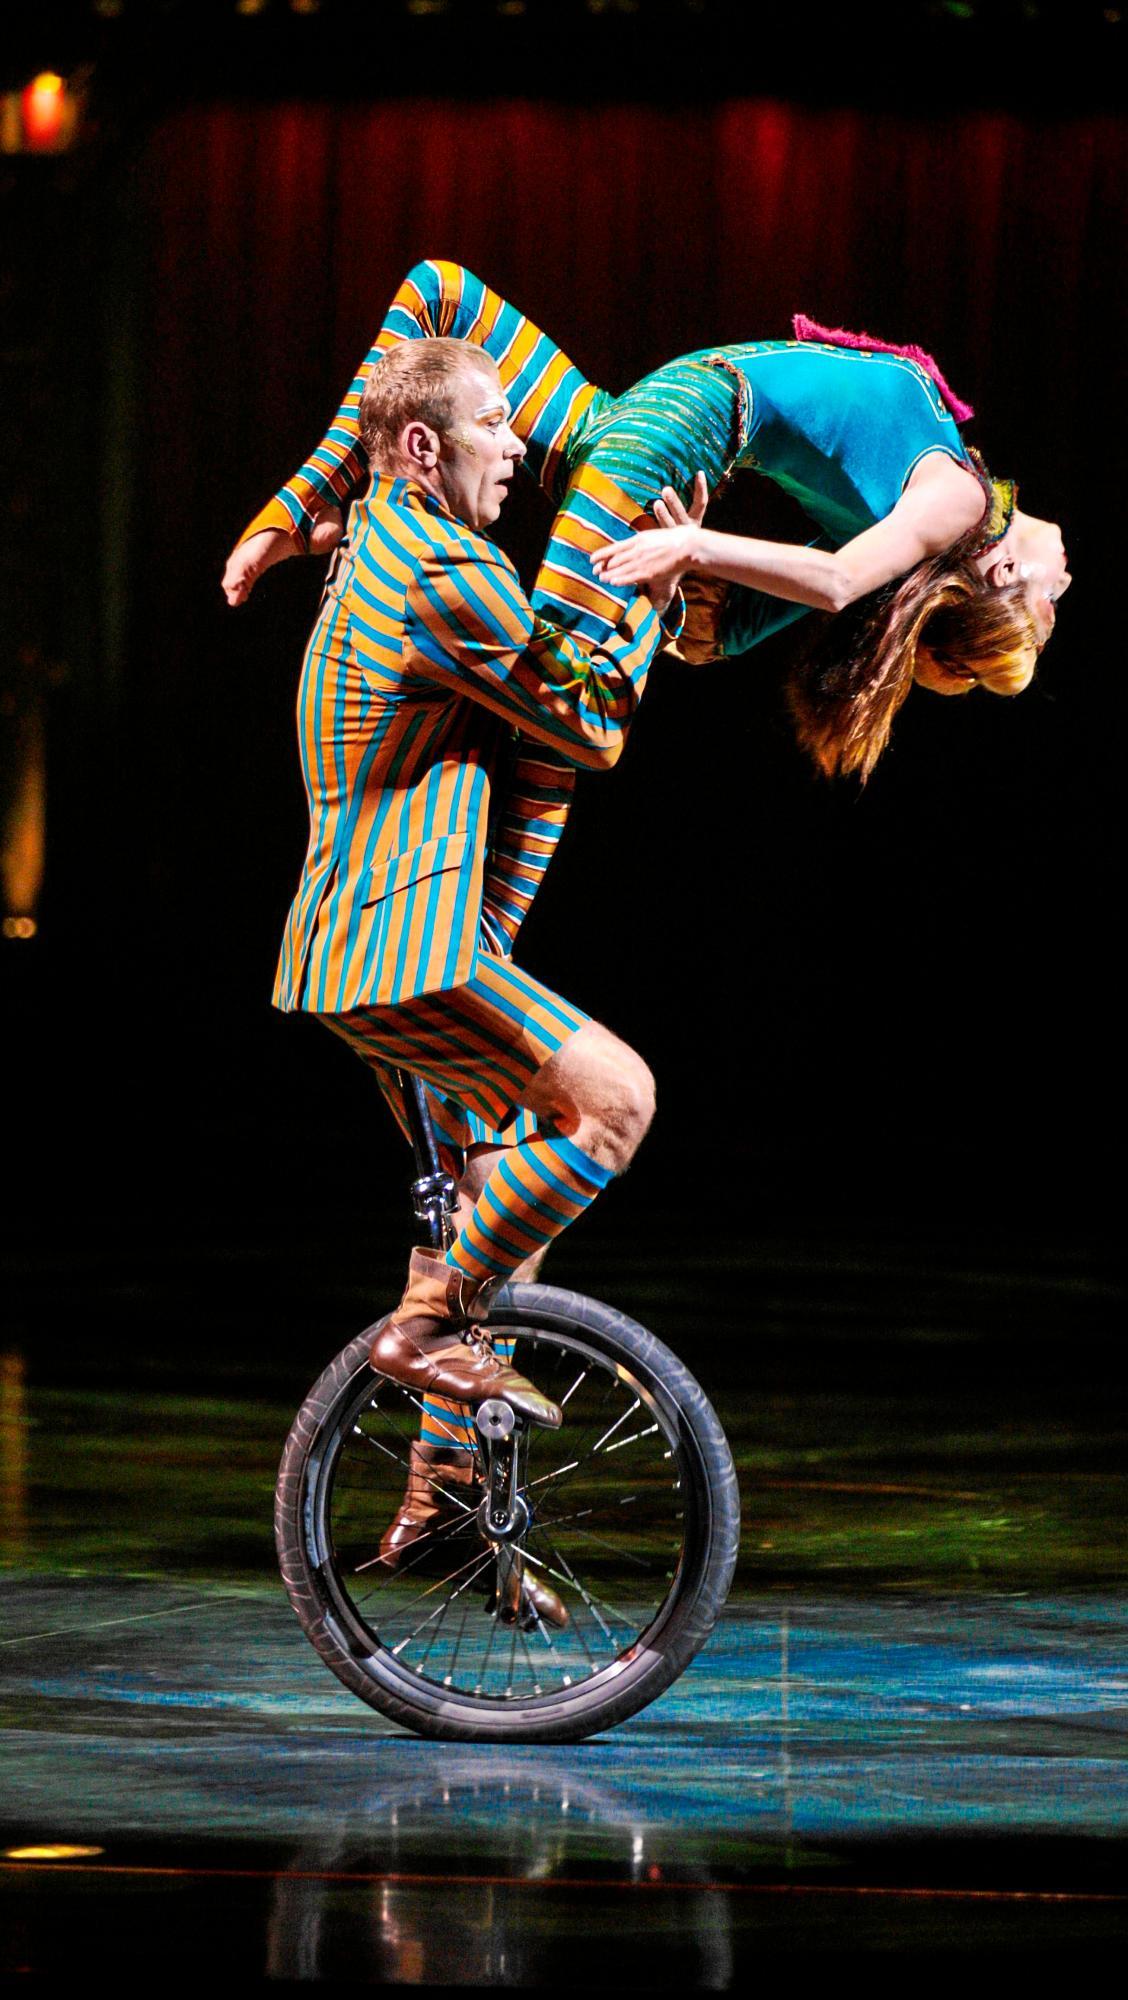 Circo Del Sol Alegria Gijon